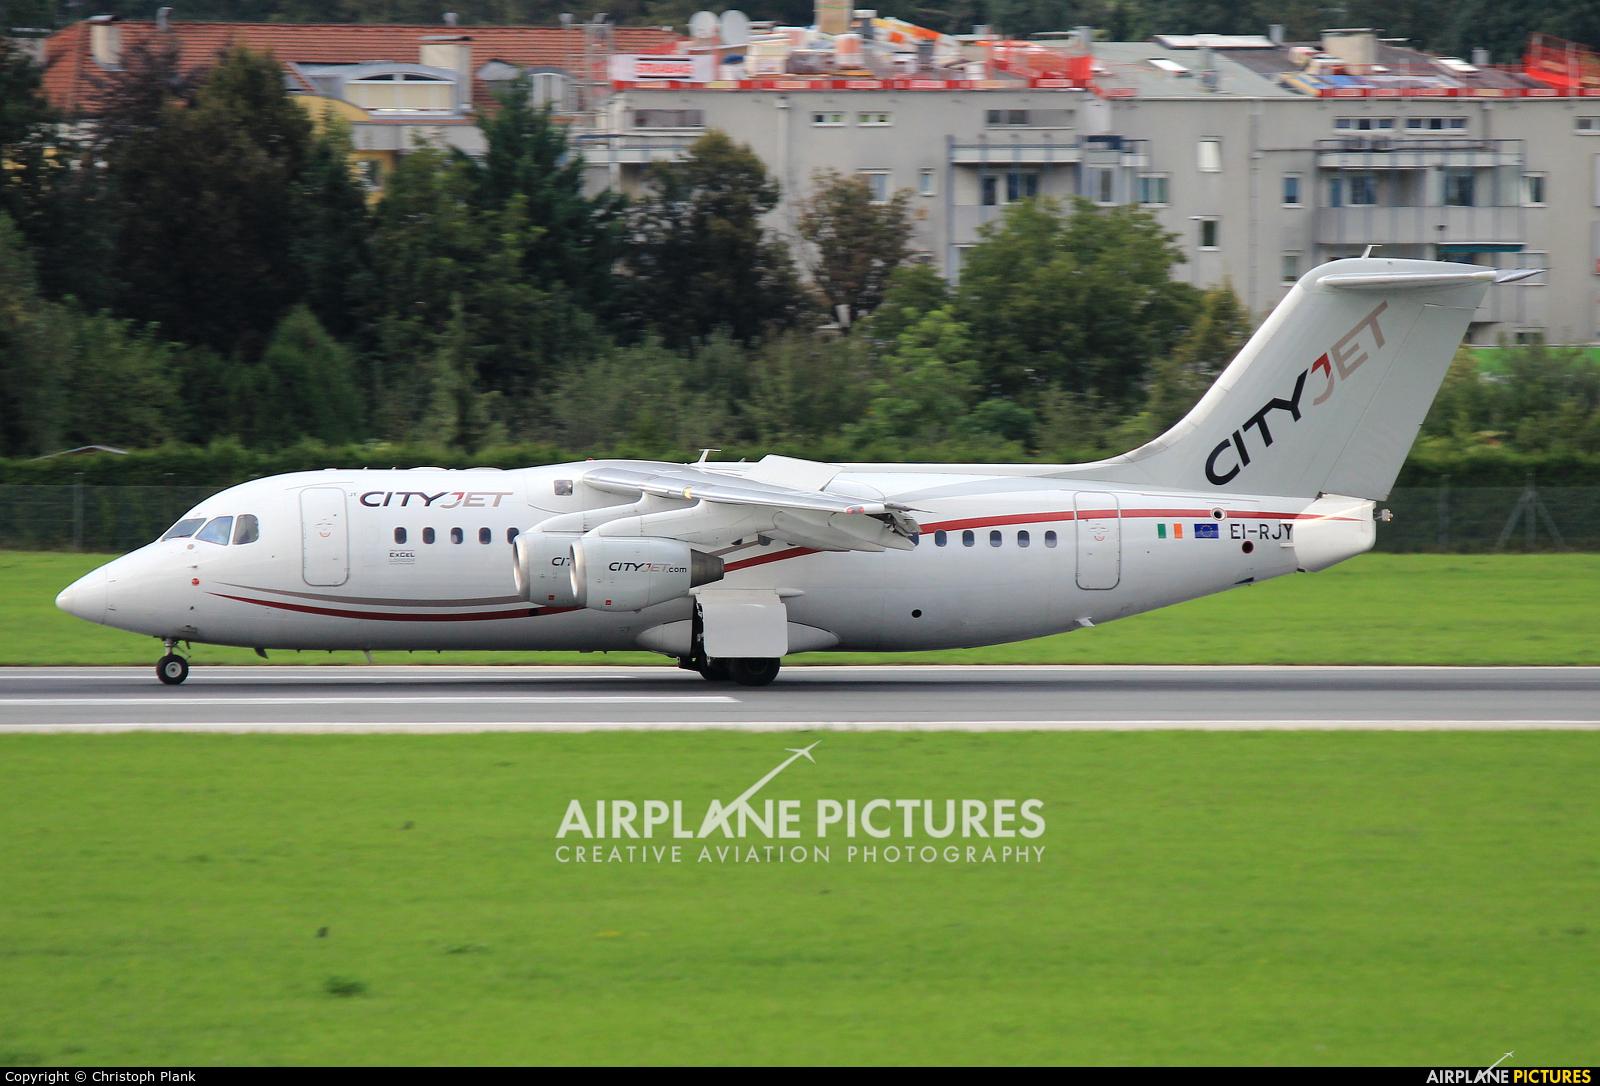 CityJet EI-RJY aircraft at Innsbruck